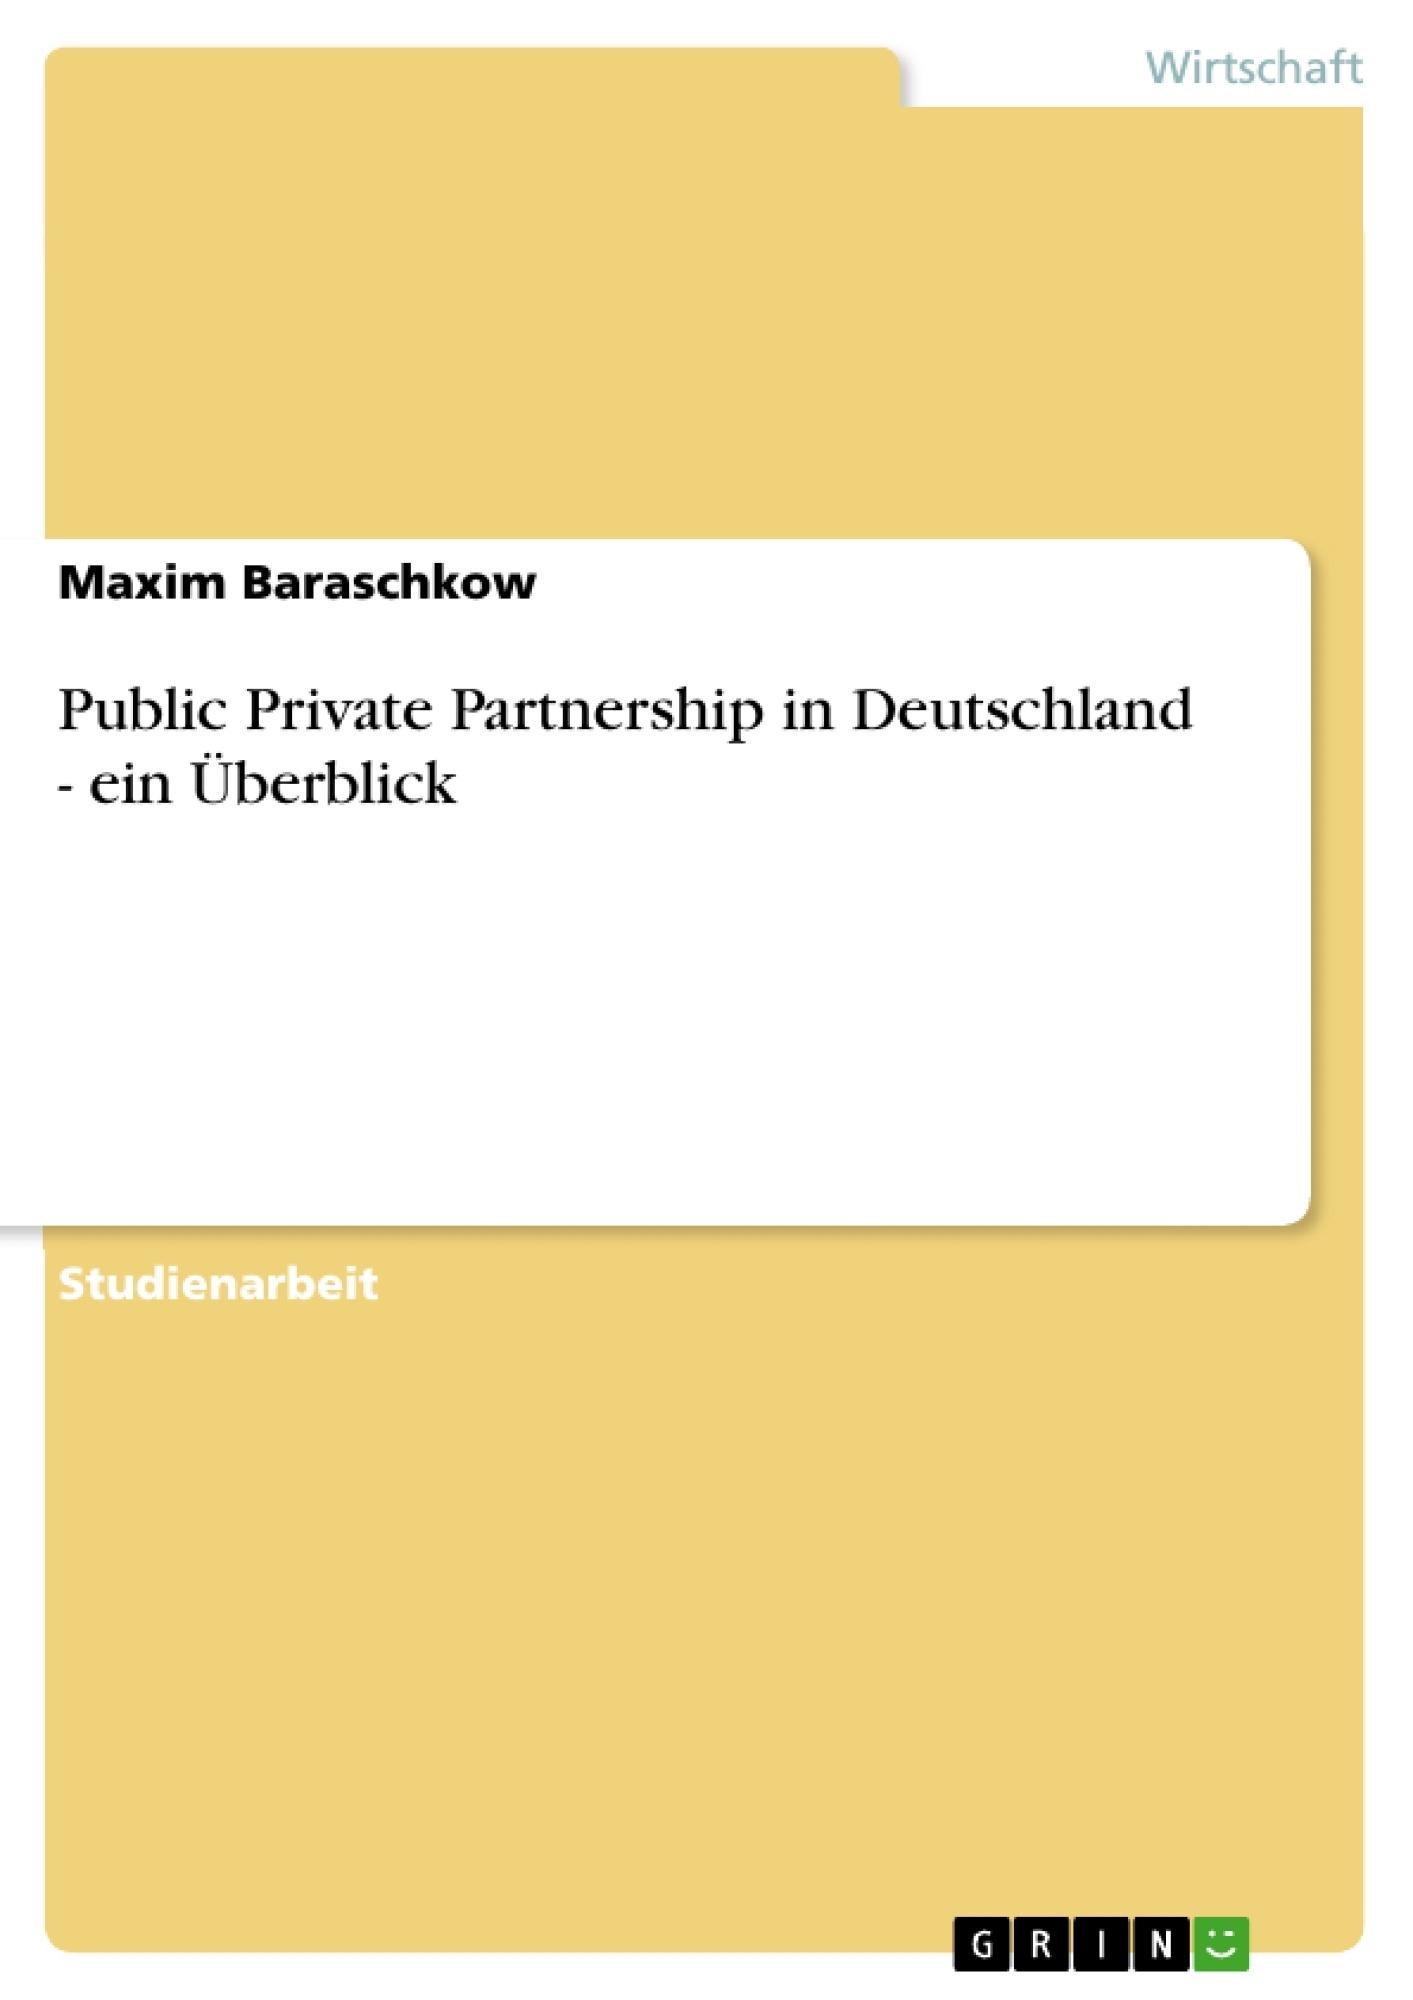 Titel: Public Private Partnership in Deutschland - ein Überblick